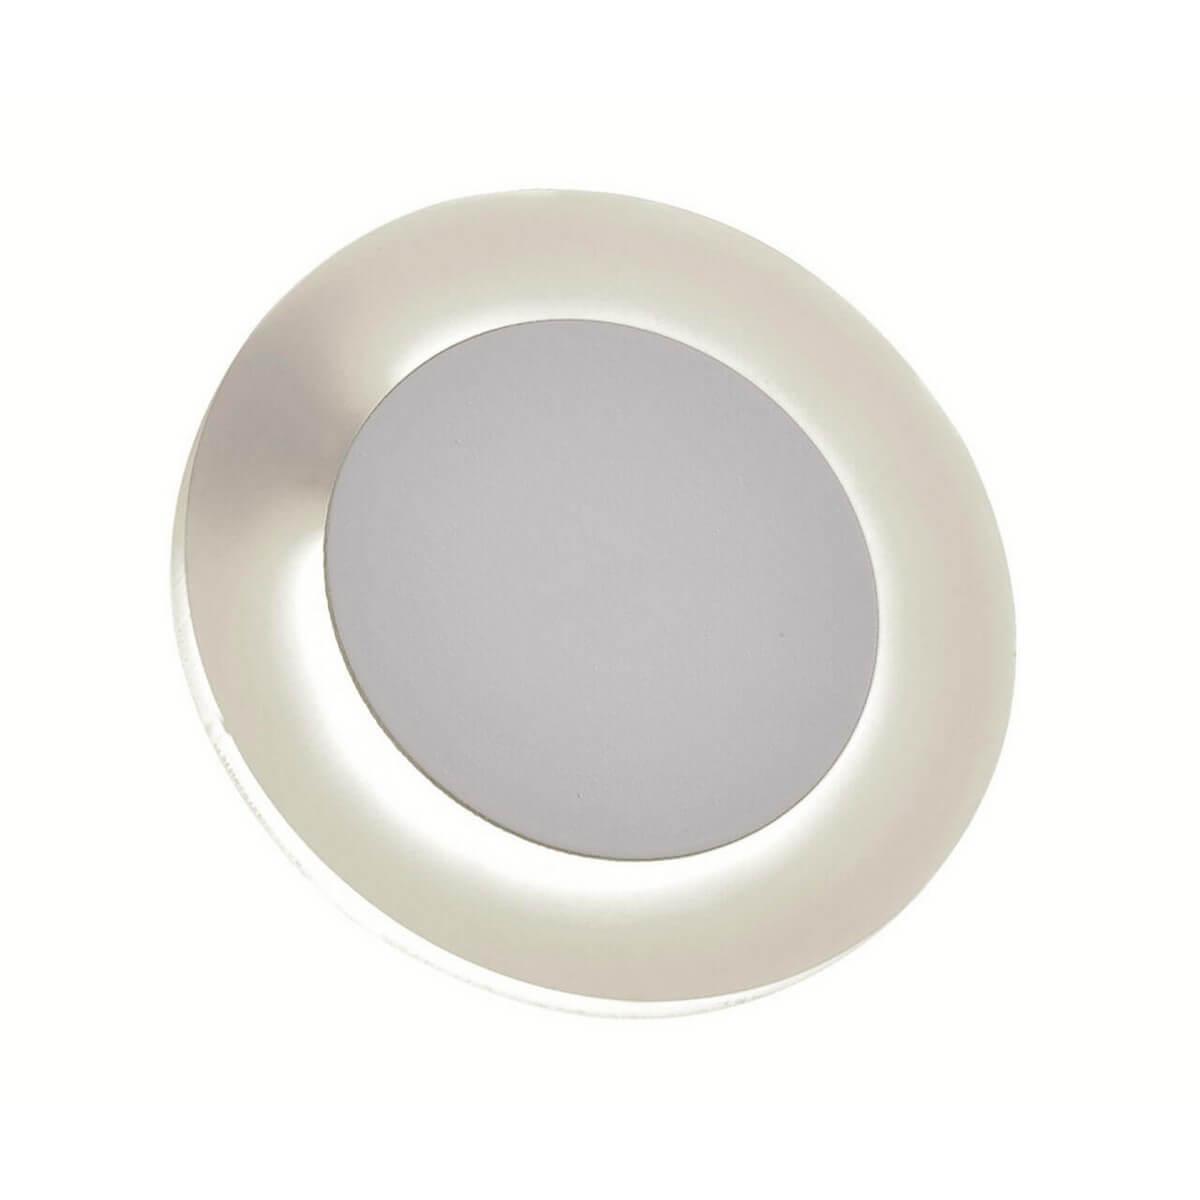 Настенный светильник Kink Light 08137, LED, 8 Вт kink light настенный светильник italline ufo black gold